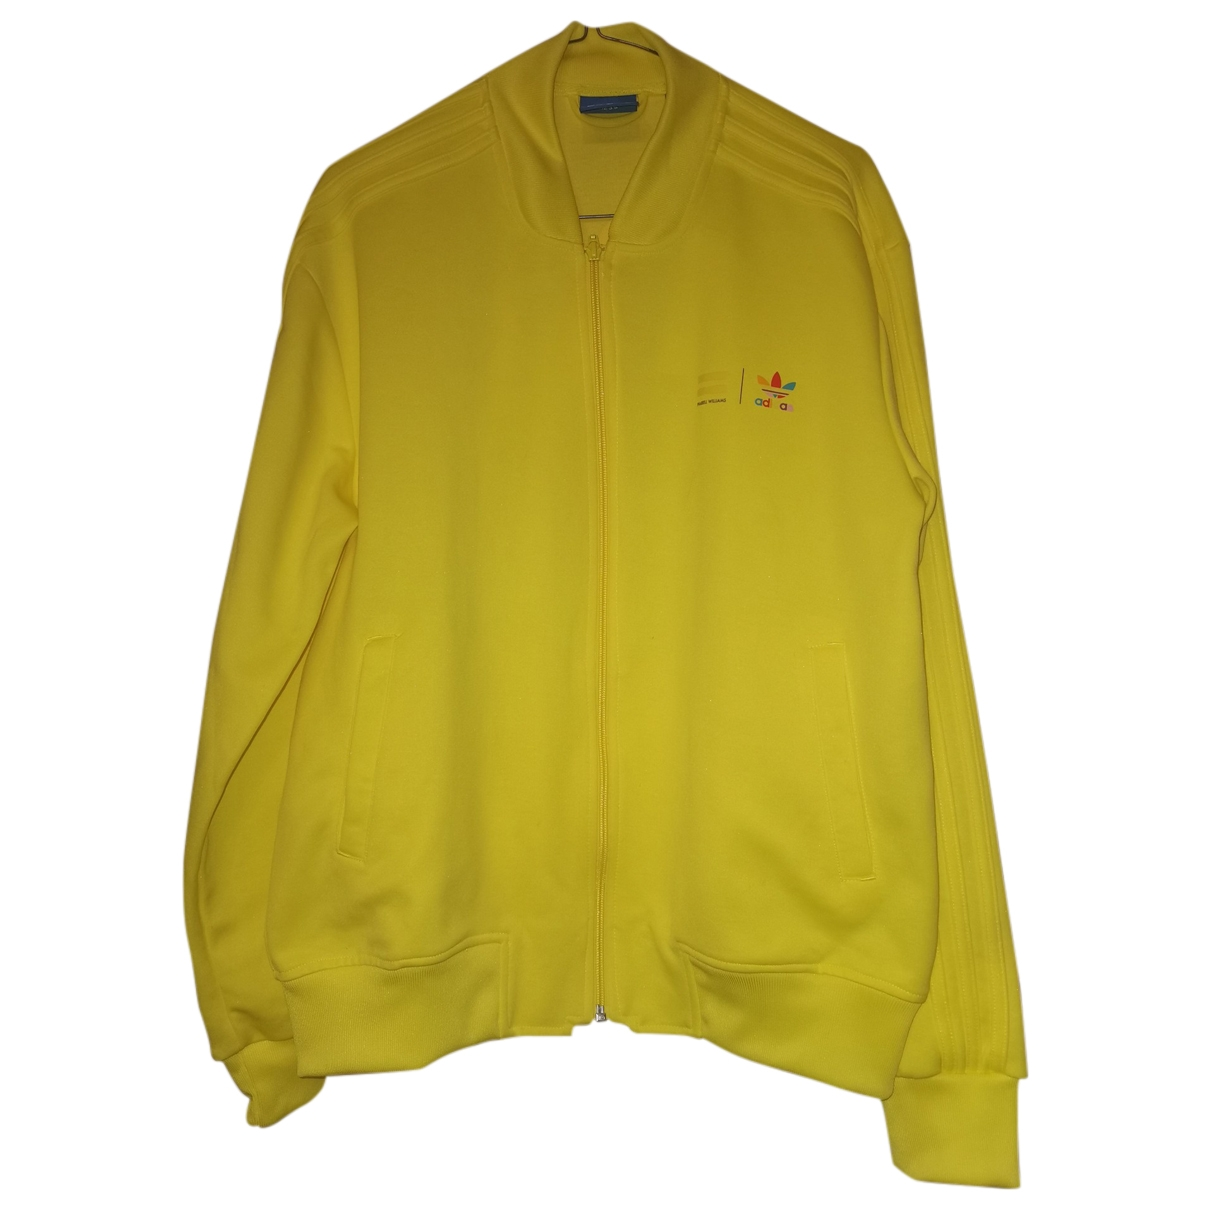 Adidas X Pharrell Williams - Vestes.Blousons   pour homme en coton - jaune